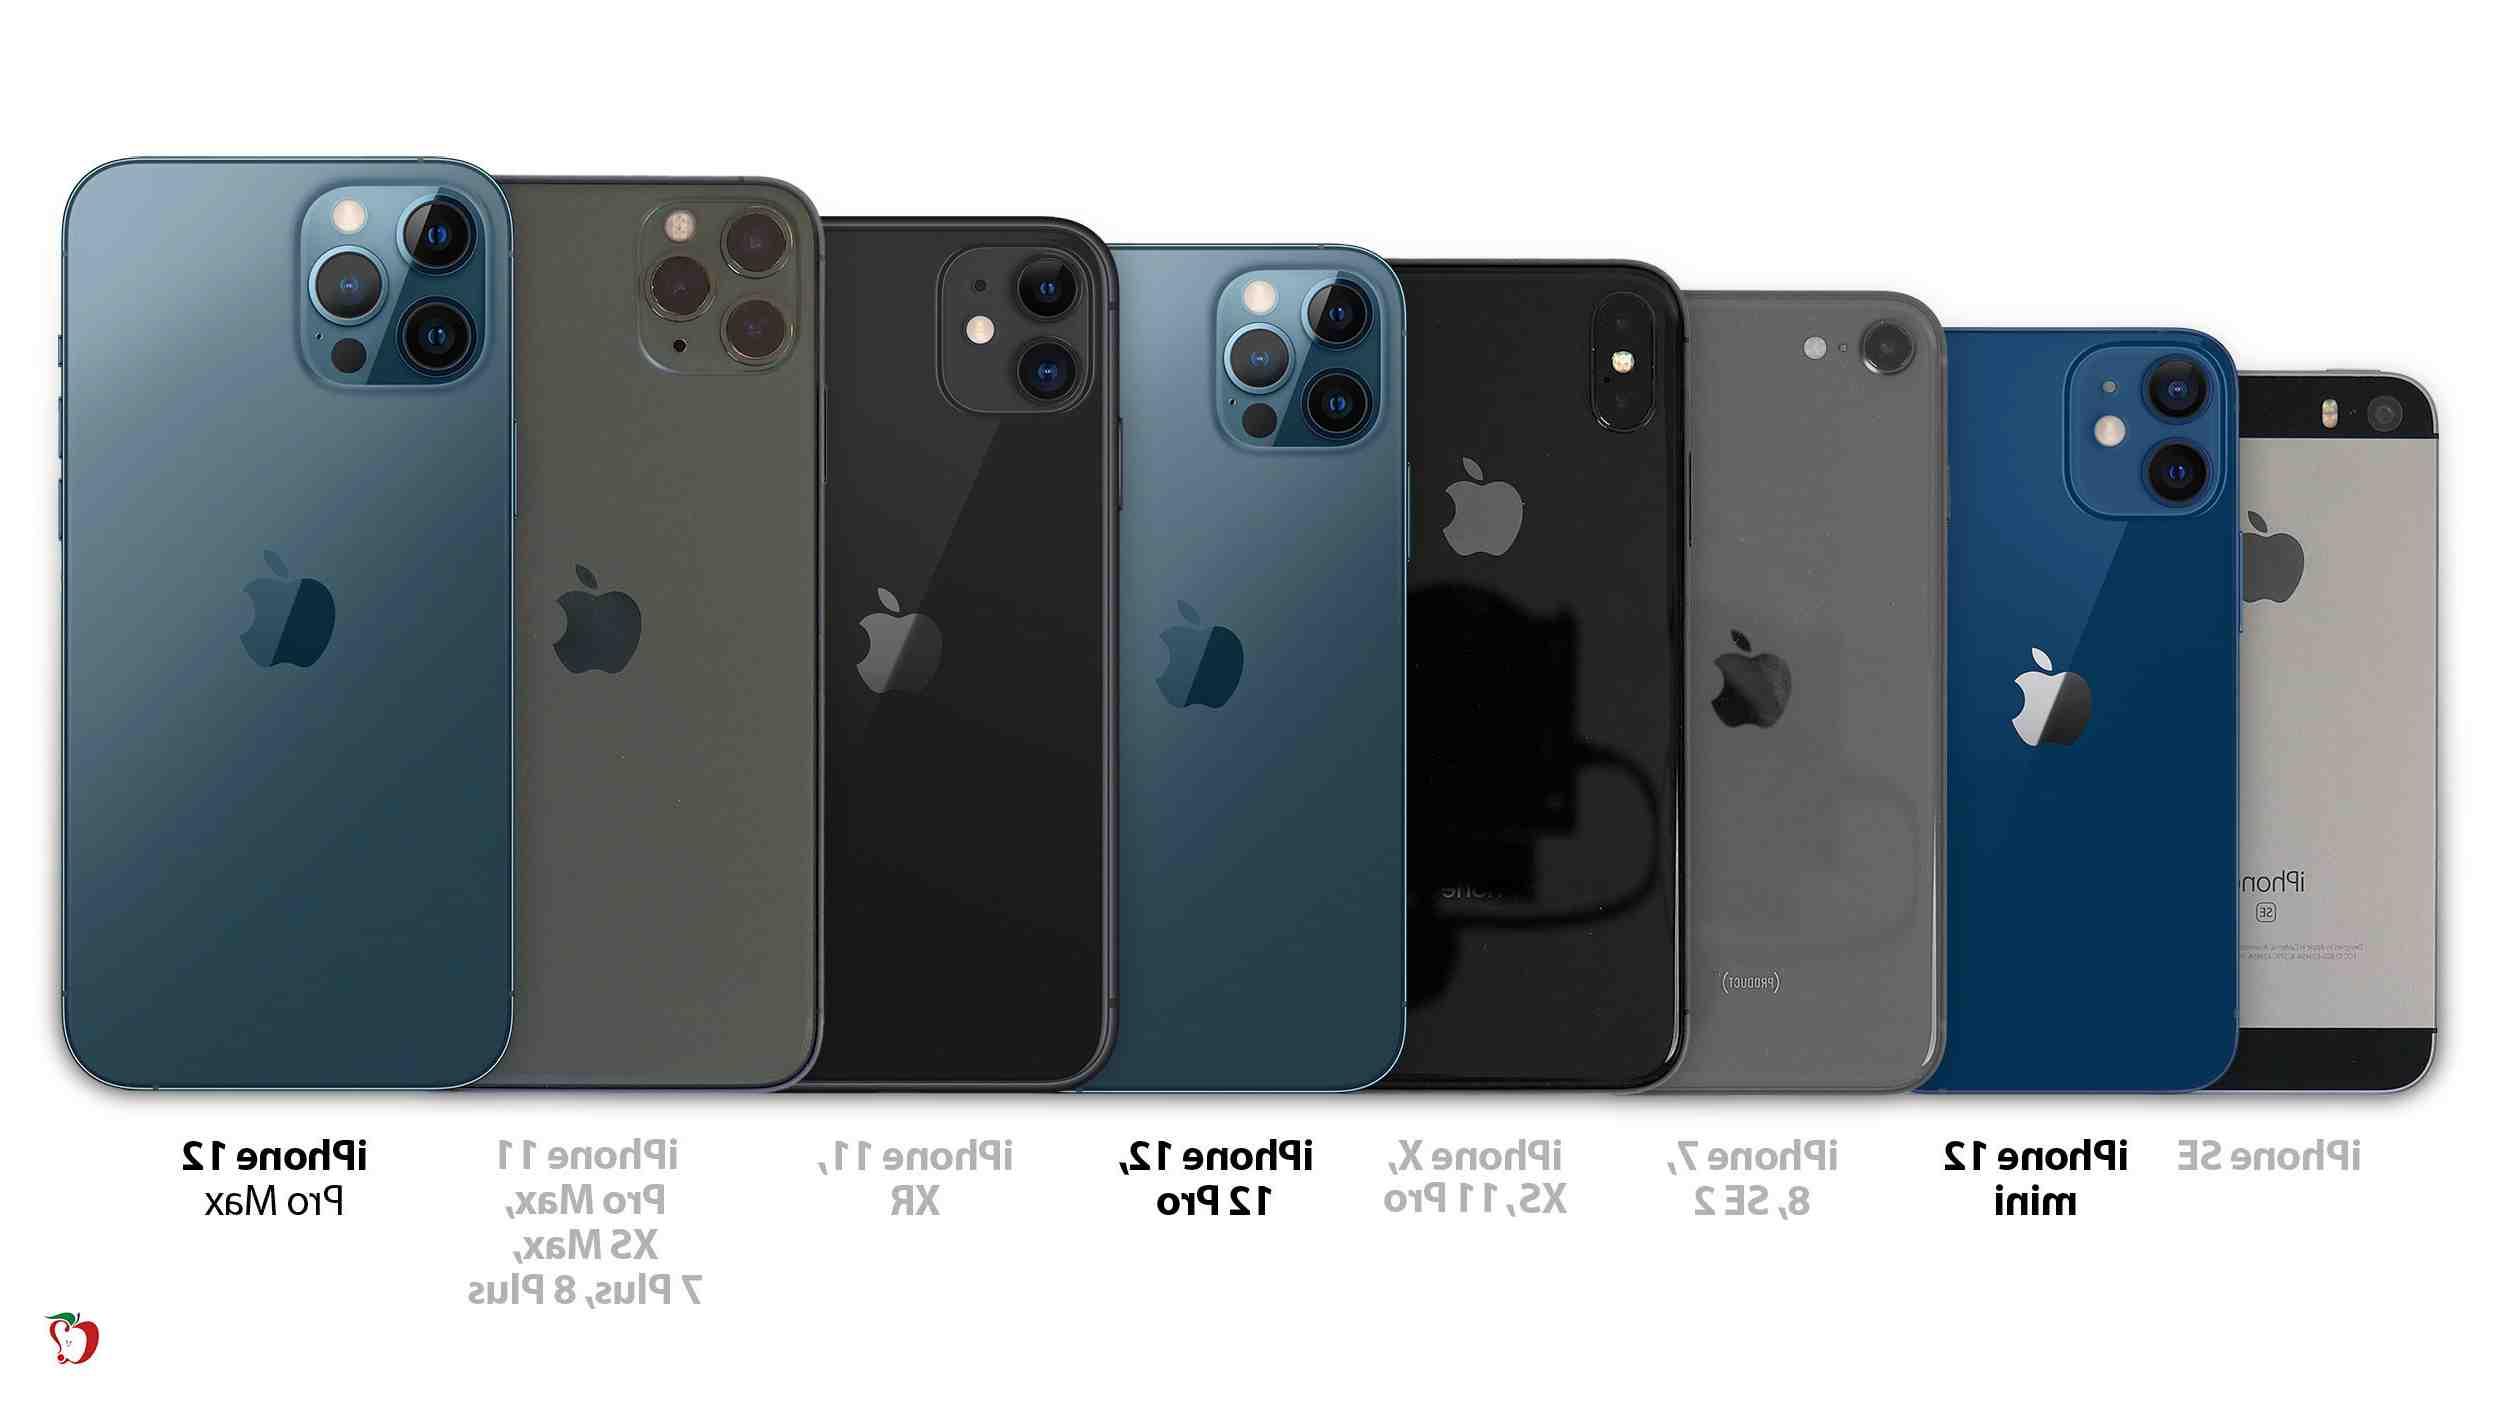 Dimensions maximales de l'Iphone 11 pro